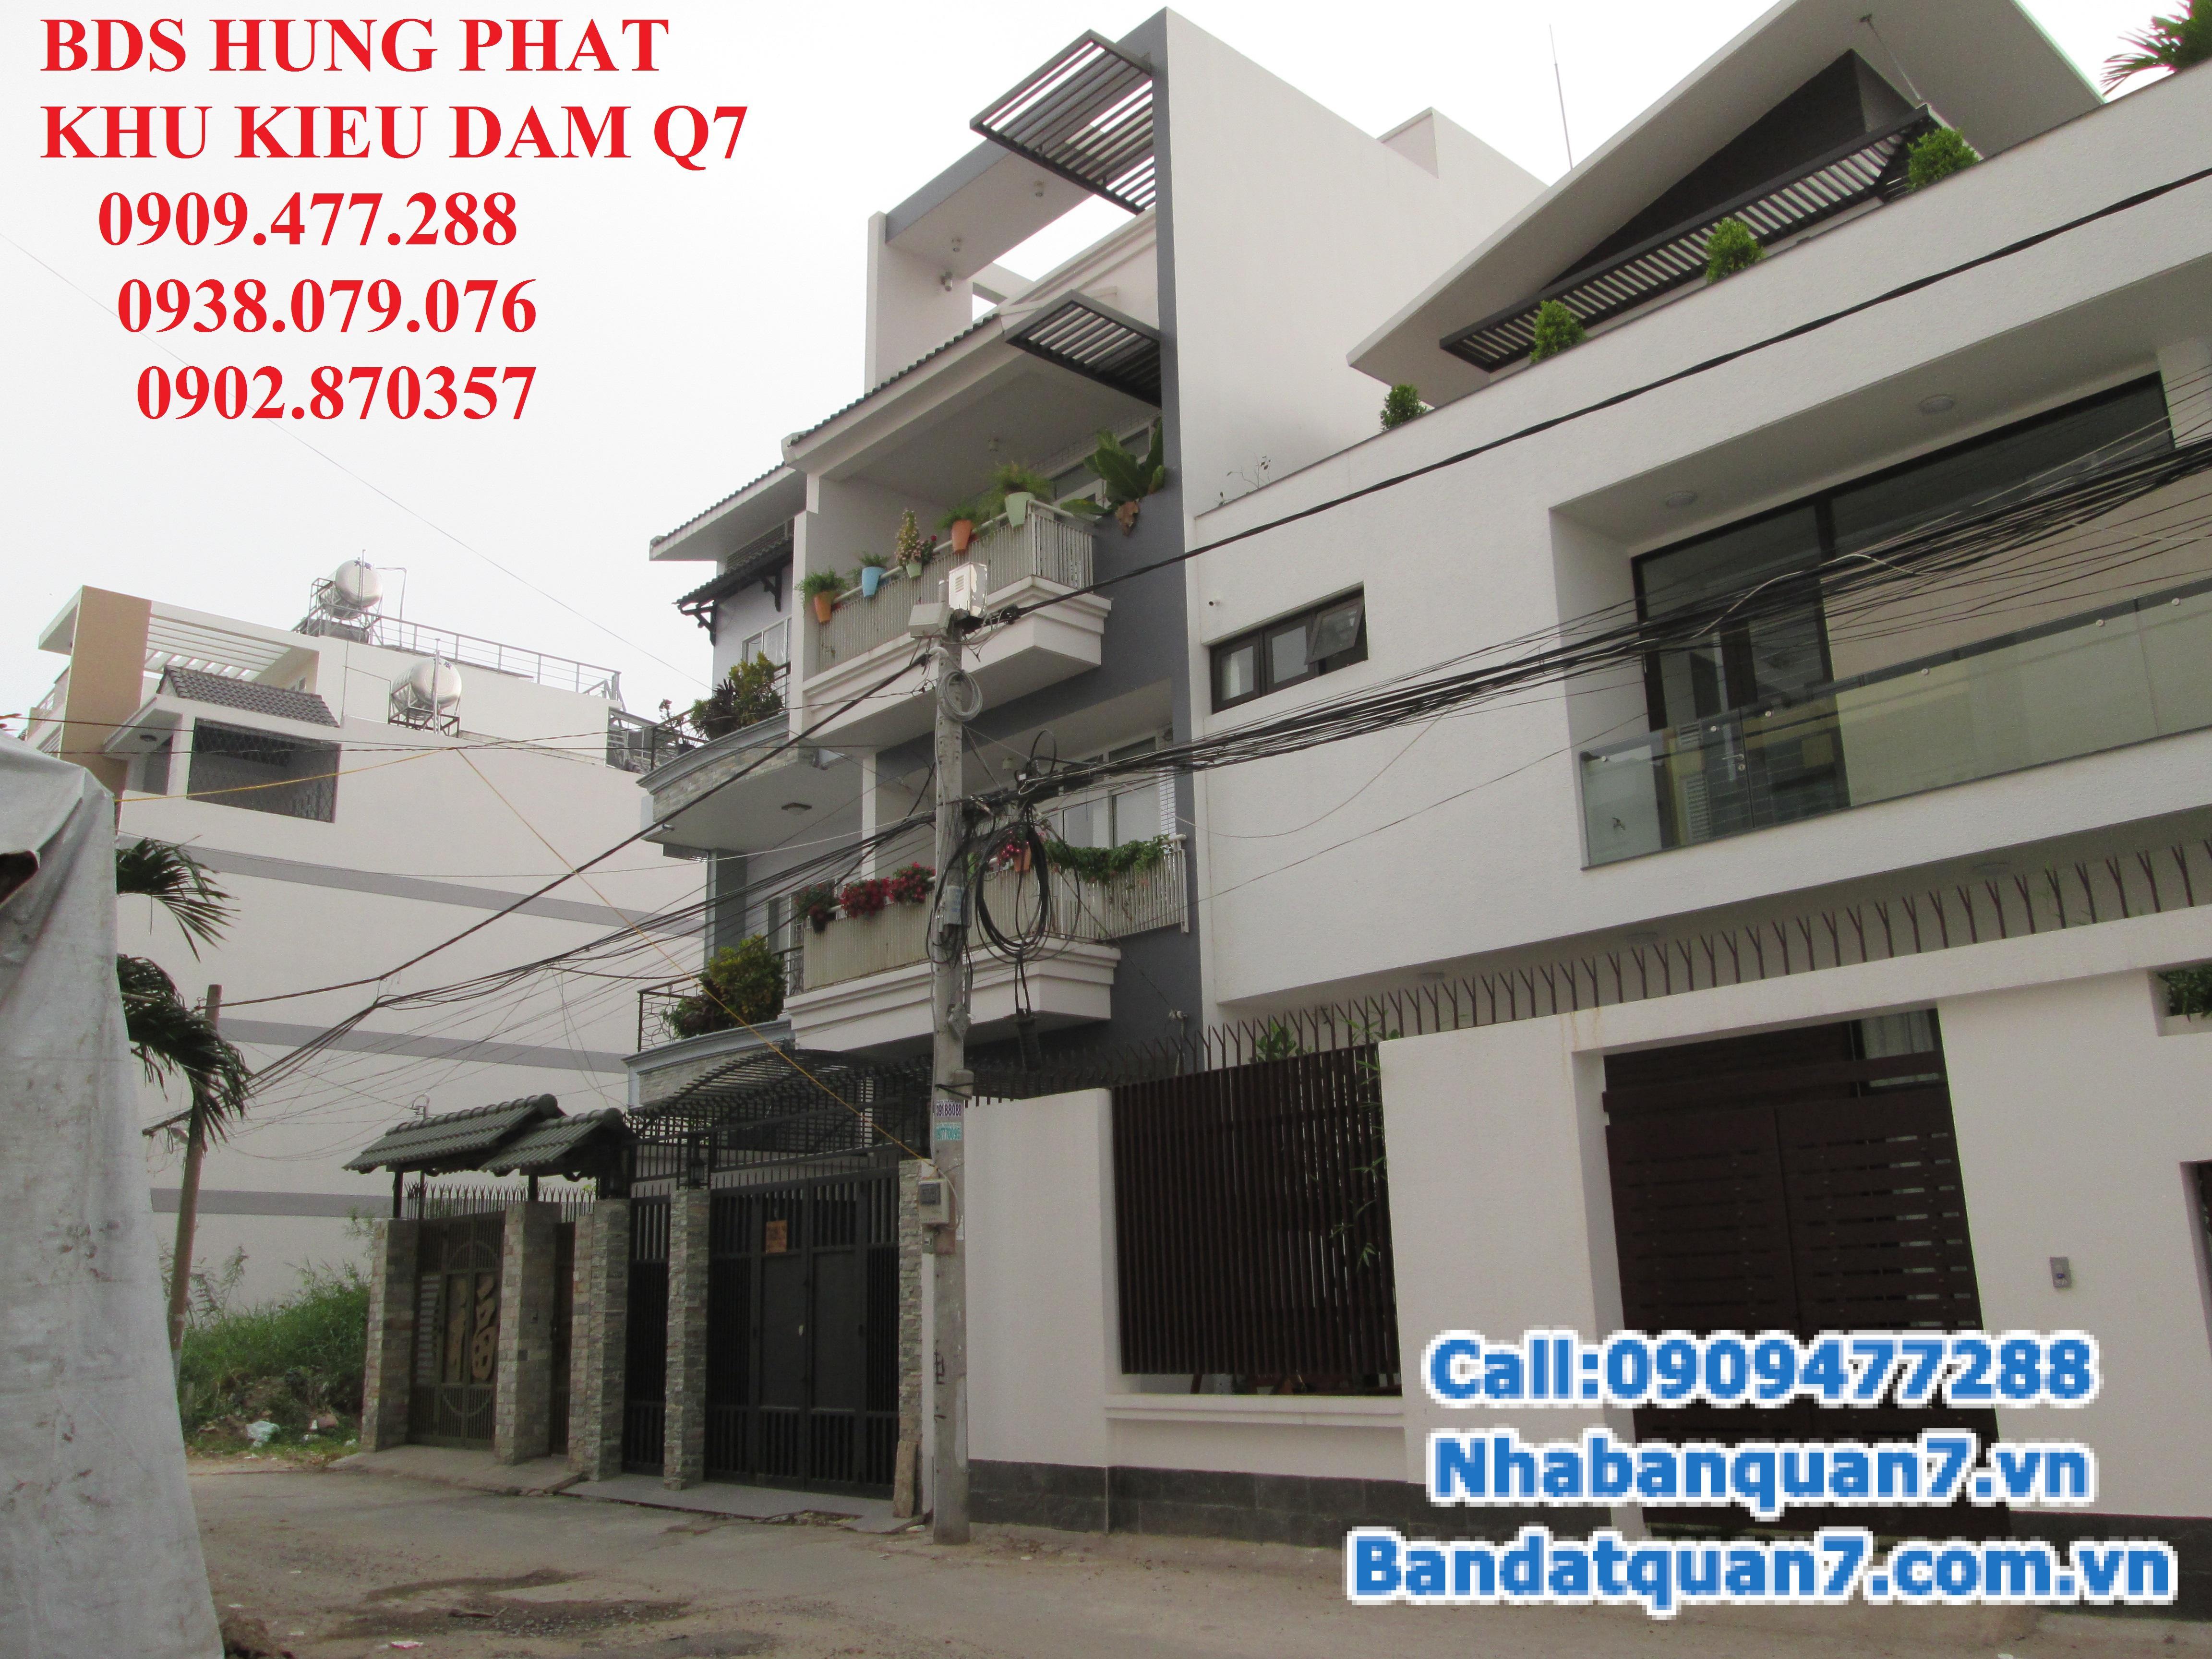 HOT - Bán nhà khu Kiều Đàm, Phường Tân Hưng, Quận 7, diện tích 3,1x9m, trệt lầu giá cực rẻ.